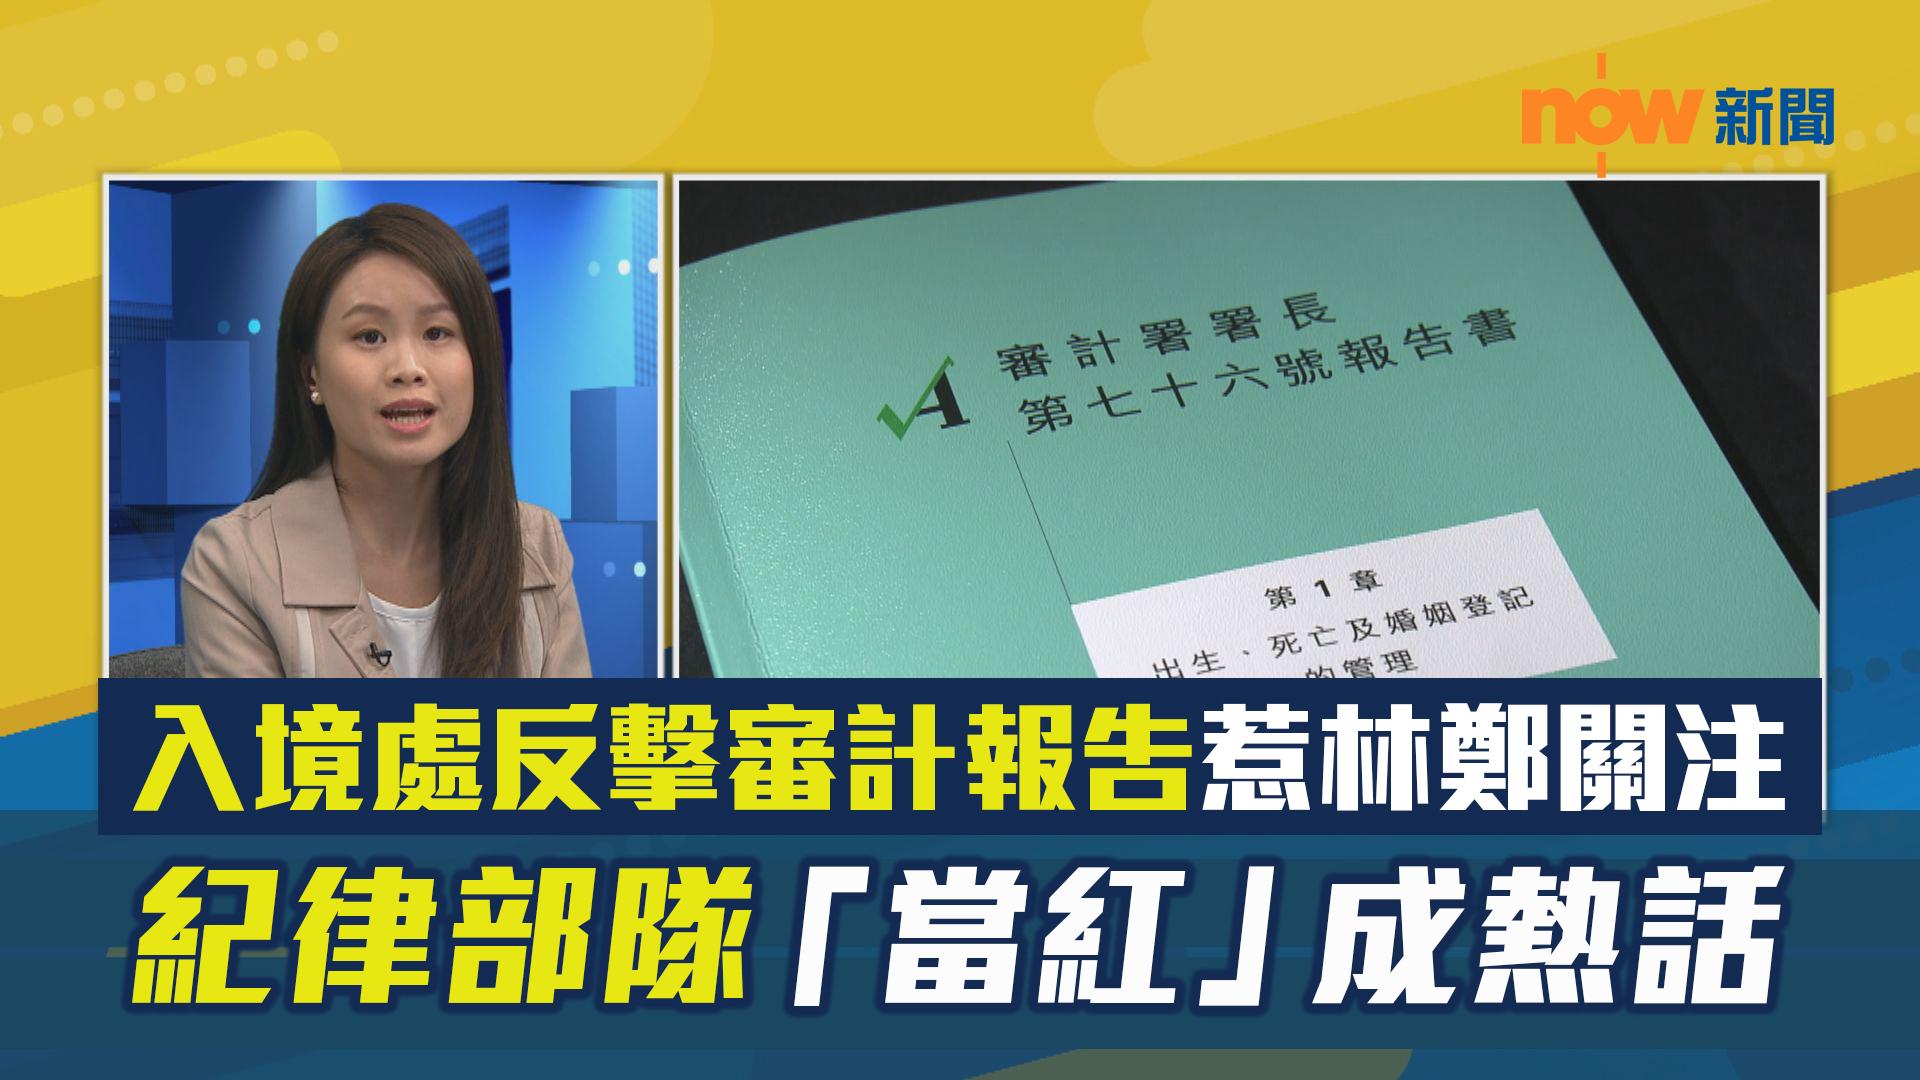 【政情】入境處反擊審計報告惹林鄭關注 紀律部隊「當紅」成熱話